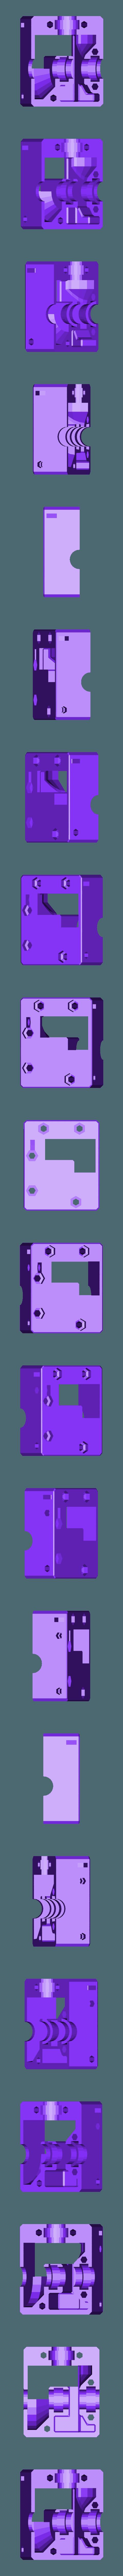 enclosure_side_B_open.stl Télécharger fichier STL gratuit Réducteur à angle droit Nema 17 avec engrenages coniques à denture hélicoïdale • Modèle pour imprimante 3D, dasaki